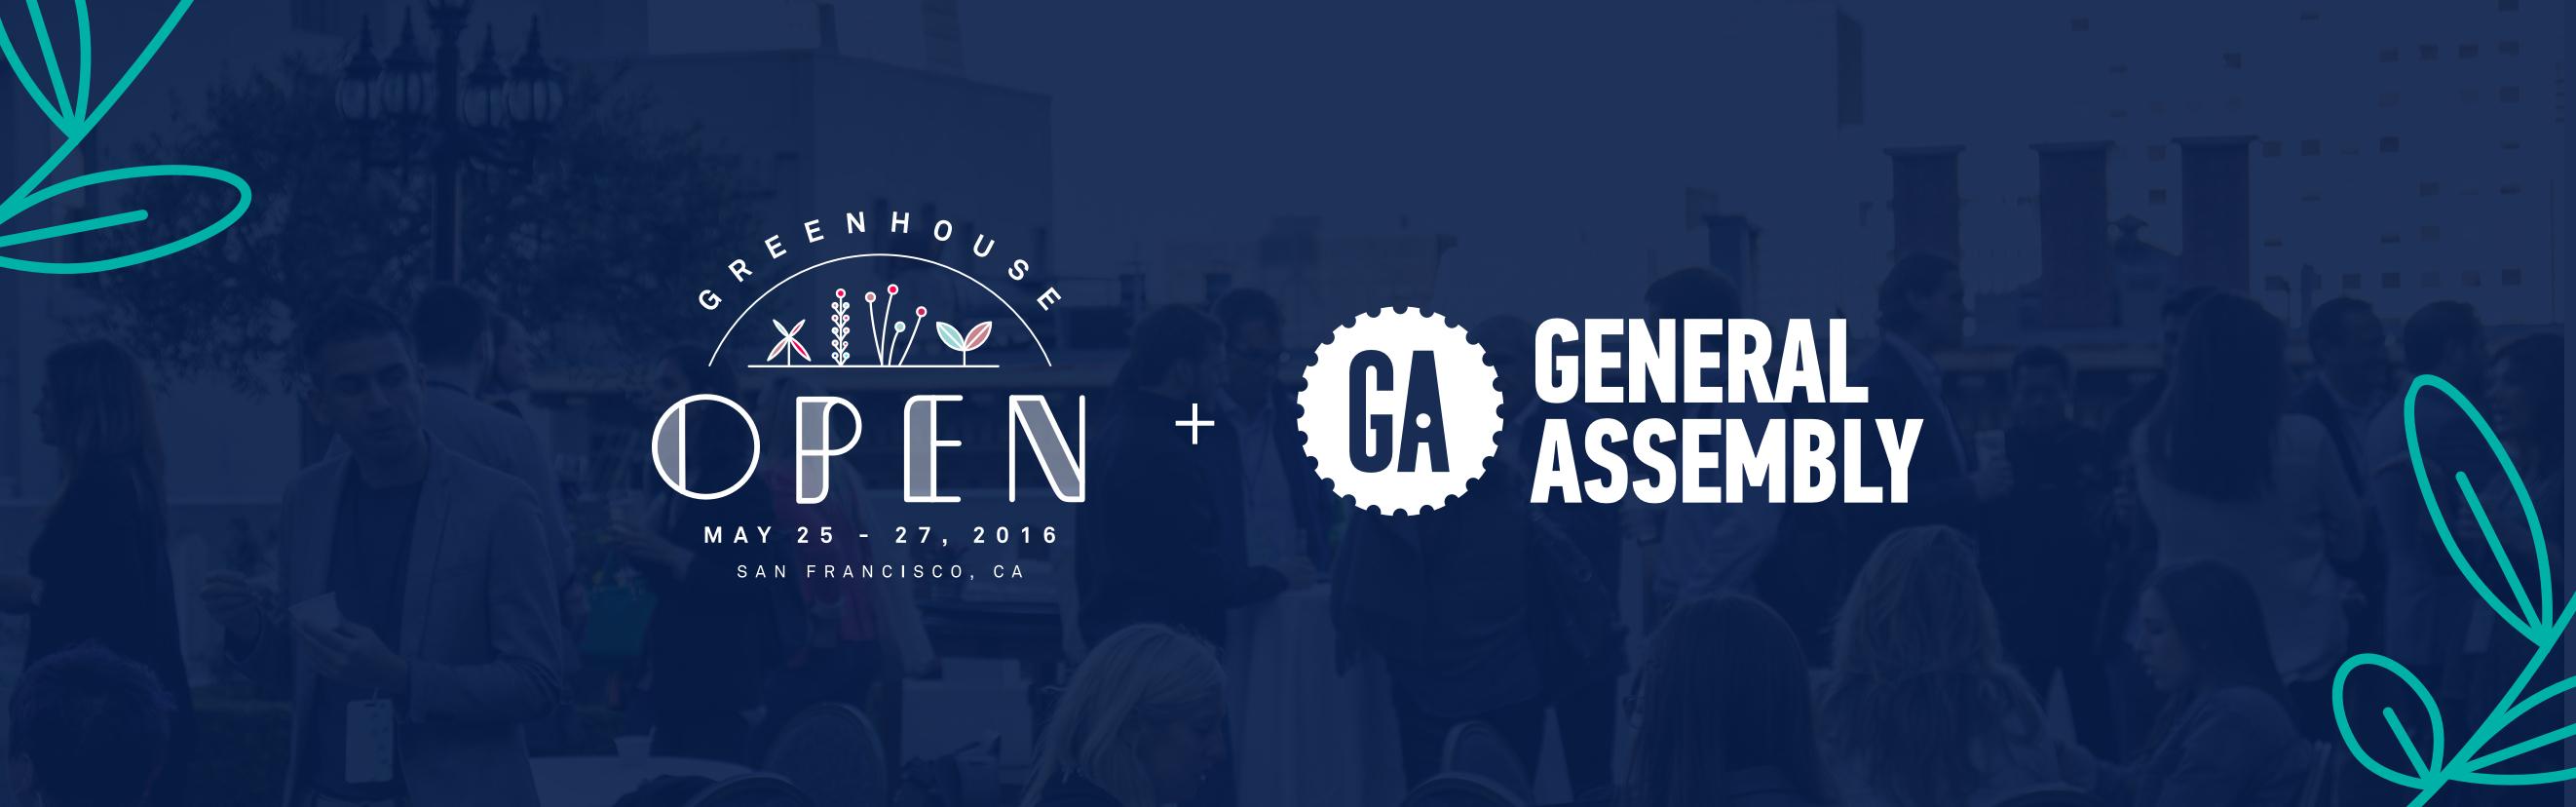 GA GH Open blog